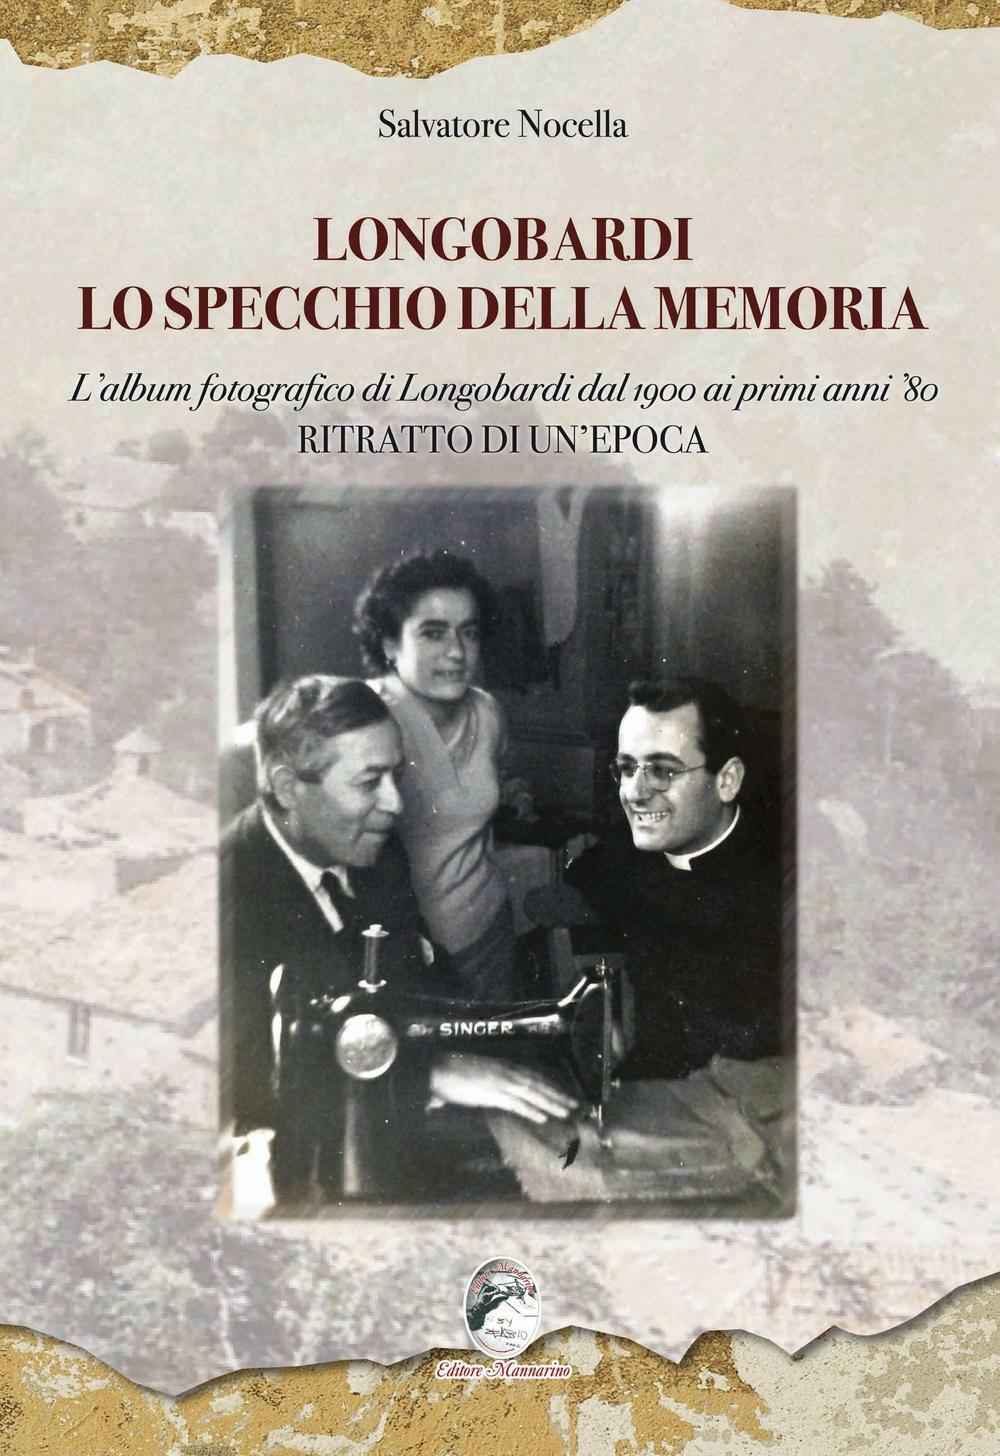 Longobardi lo specchio della memoria l 39 album fotografico for Specchio 1900